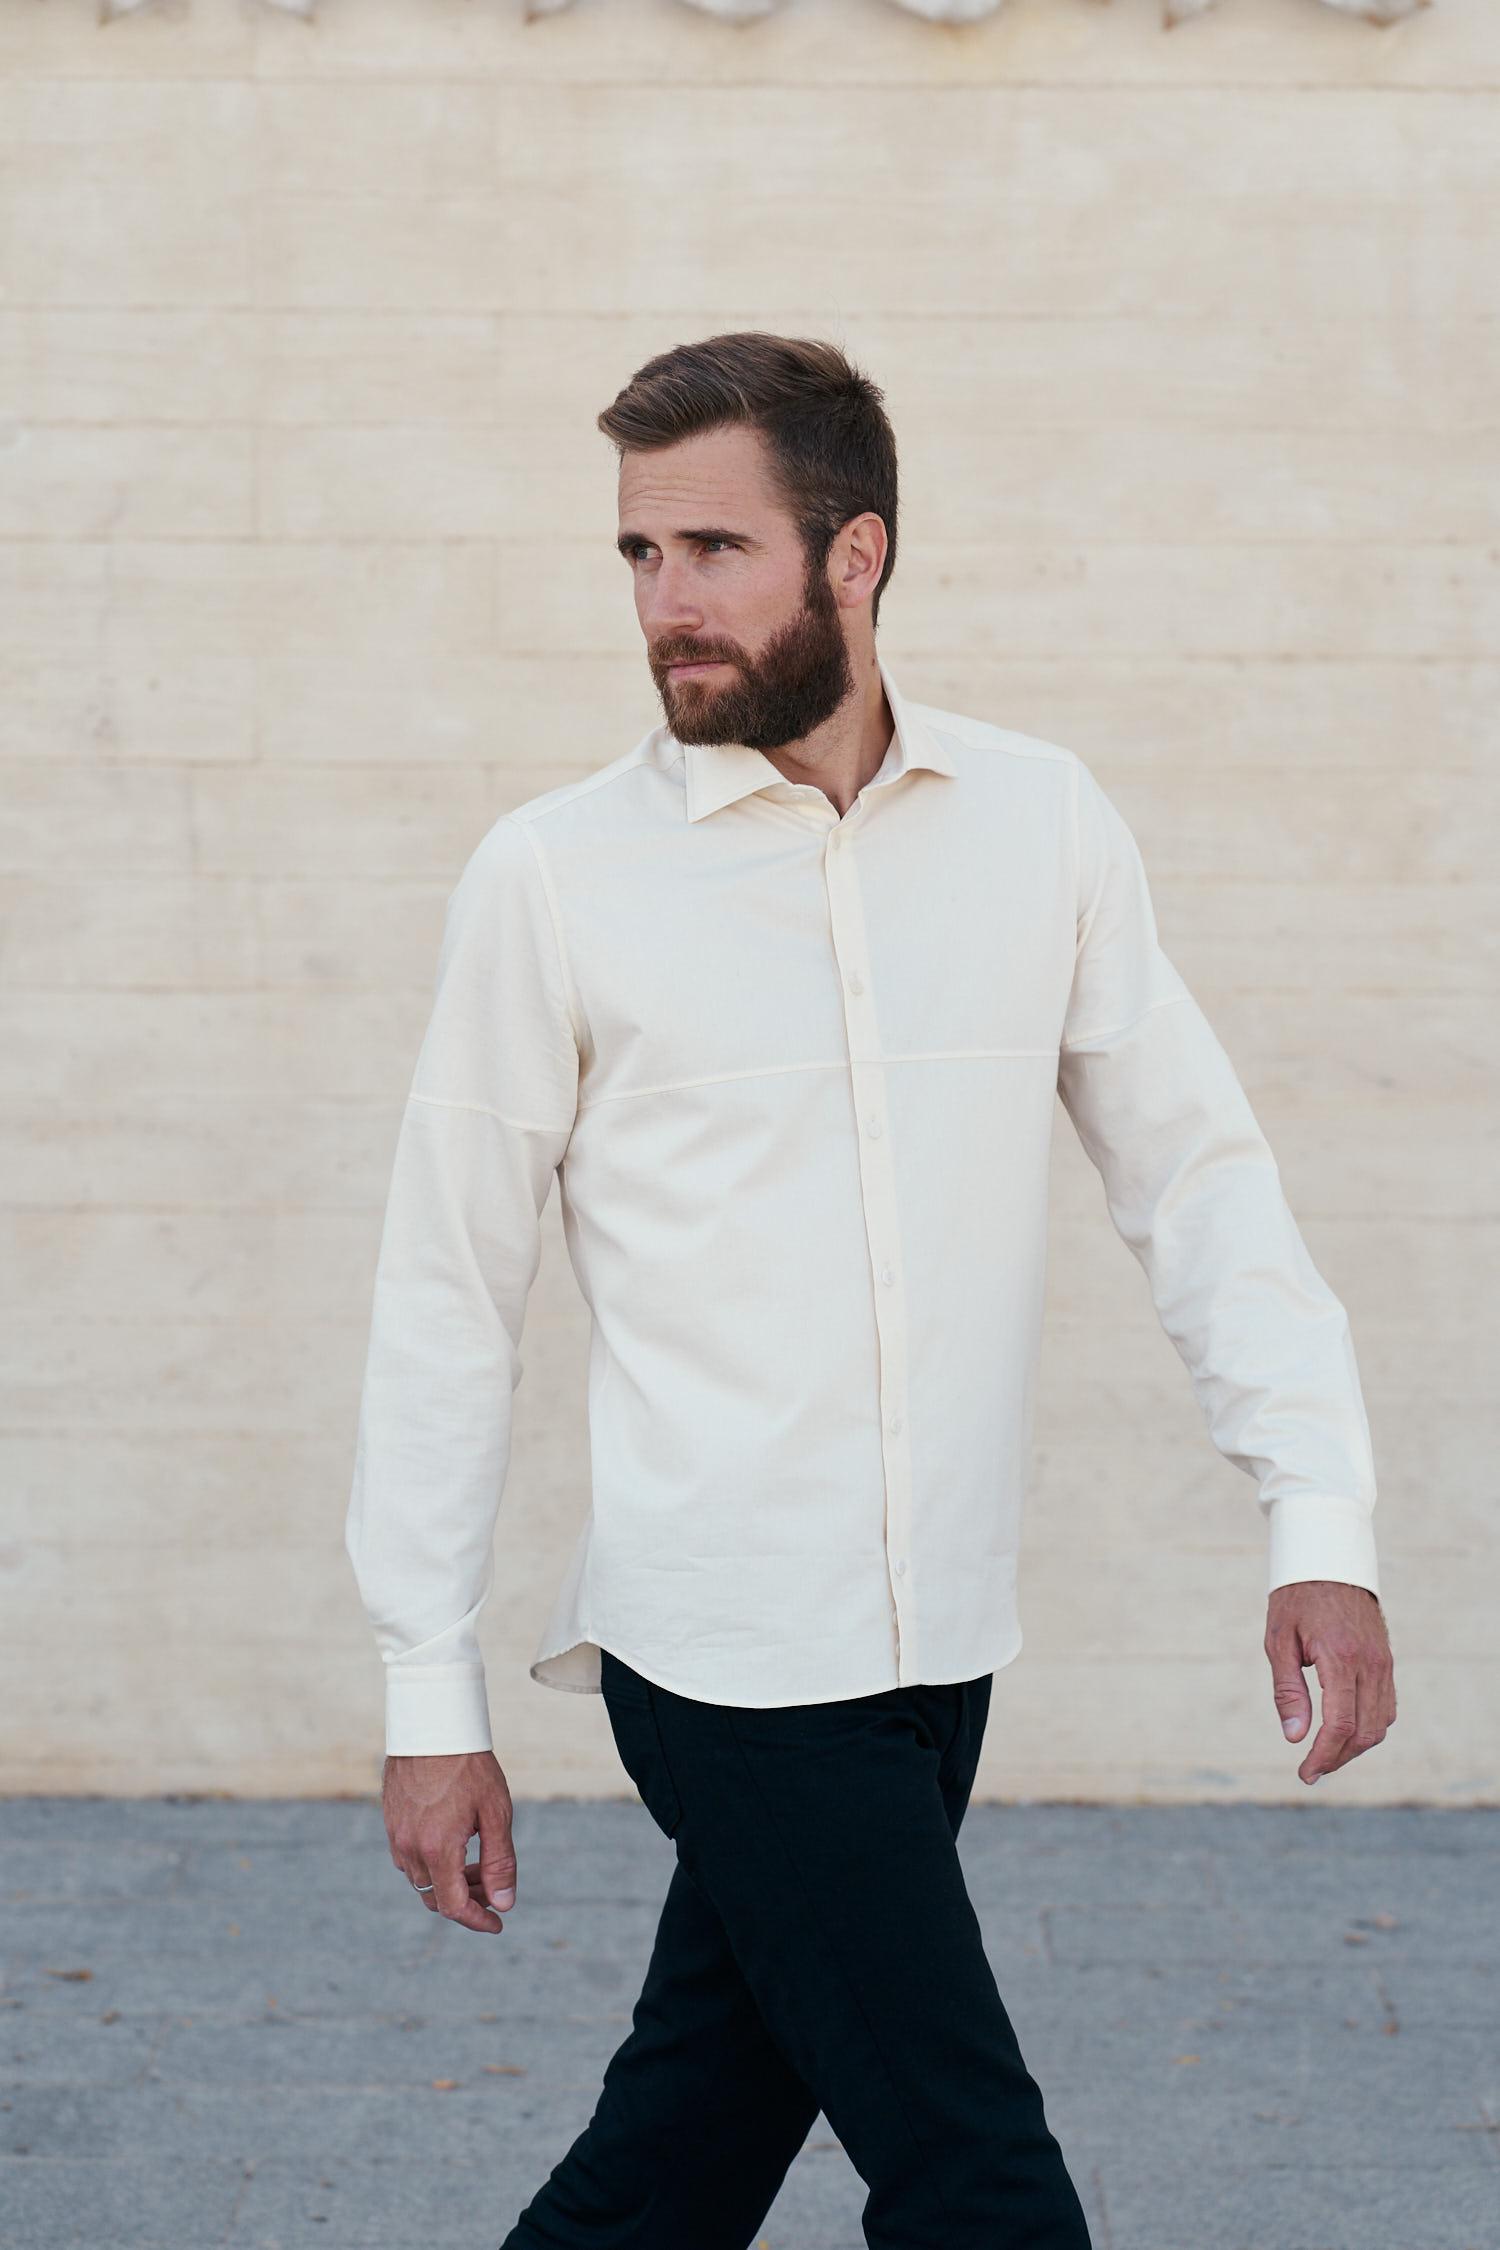 chemise en coton biologique couleur écrue fabriquée en France